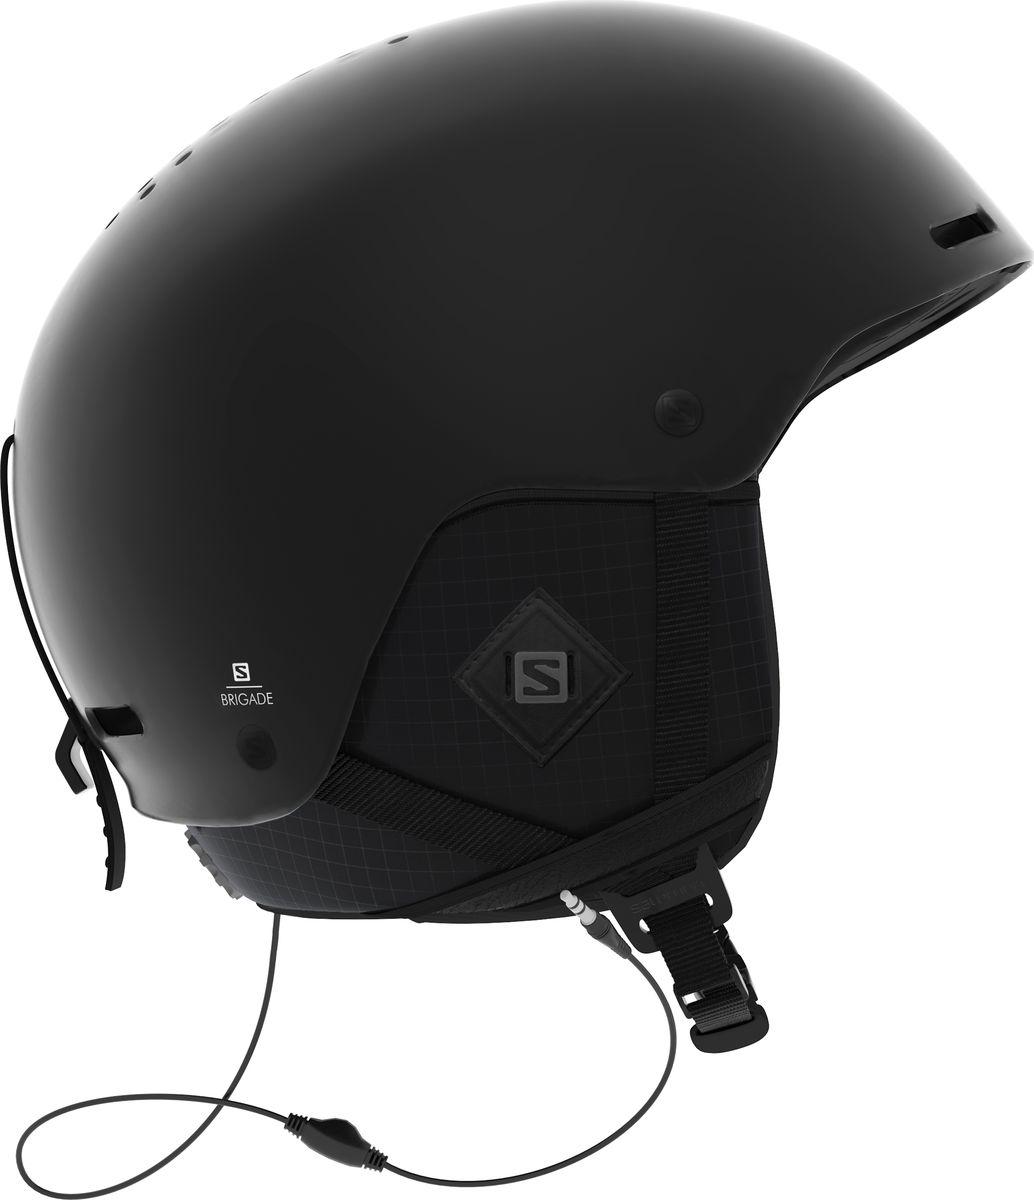 Шлем горнолыжный Salomon Brigade Audio All, цвет: черный. Размер S (53-56) шлем горнолыжный salomon helmet brigade audio grey forest gr размер l 58 59